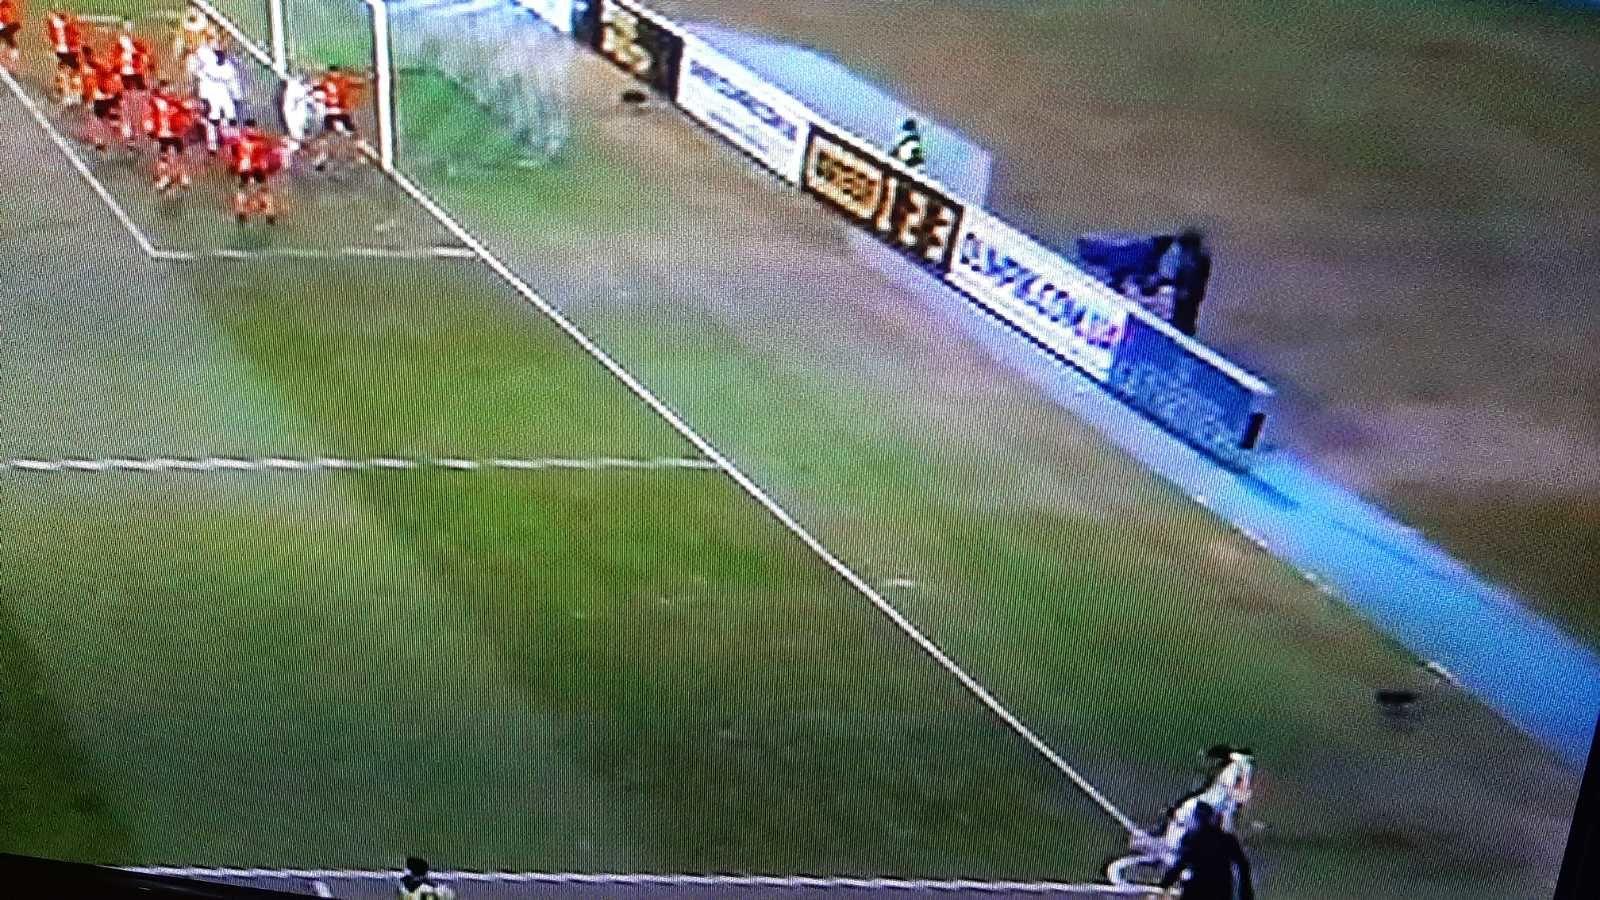 Нас обманули. Судейские эксперты объяснили, почему гол в ворота Шахтера отменили ошибочно - изображение 2